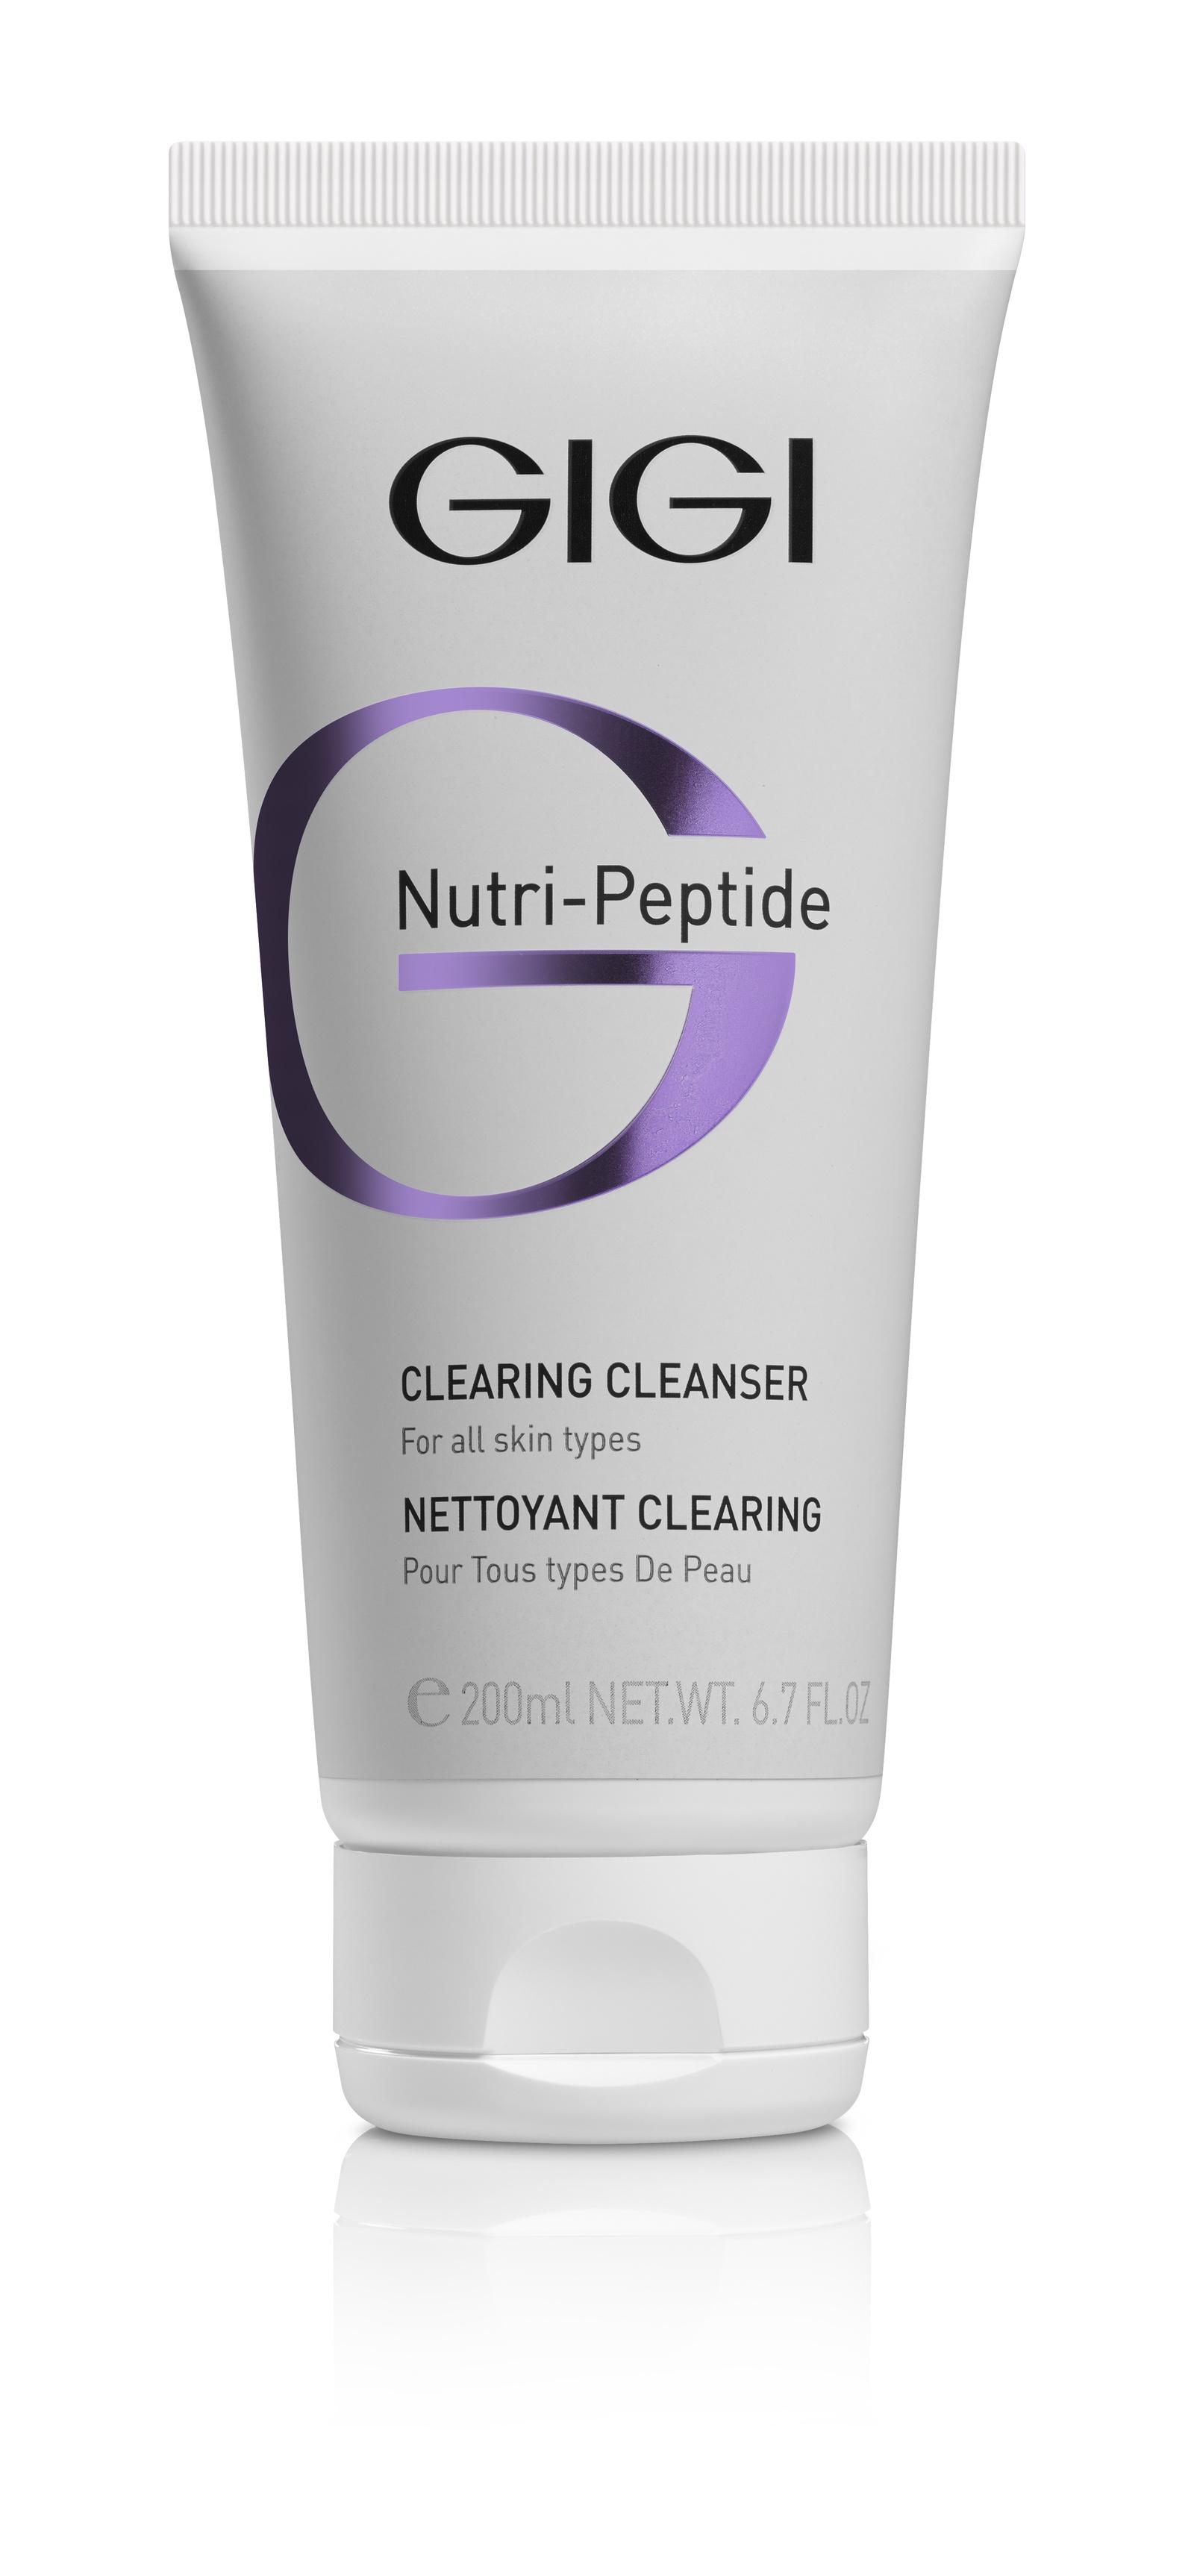 Очищающий пептидный гель Nutri Peptide dr jart pore medic очищающий гель эксфолиант для всех типов кожи pore medic очищающий гель эксфолиант для всех типов кожи